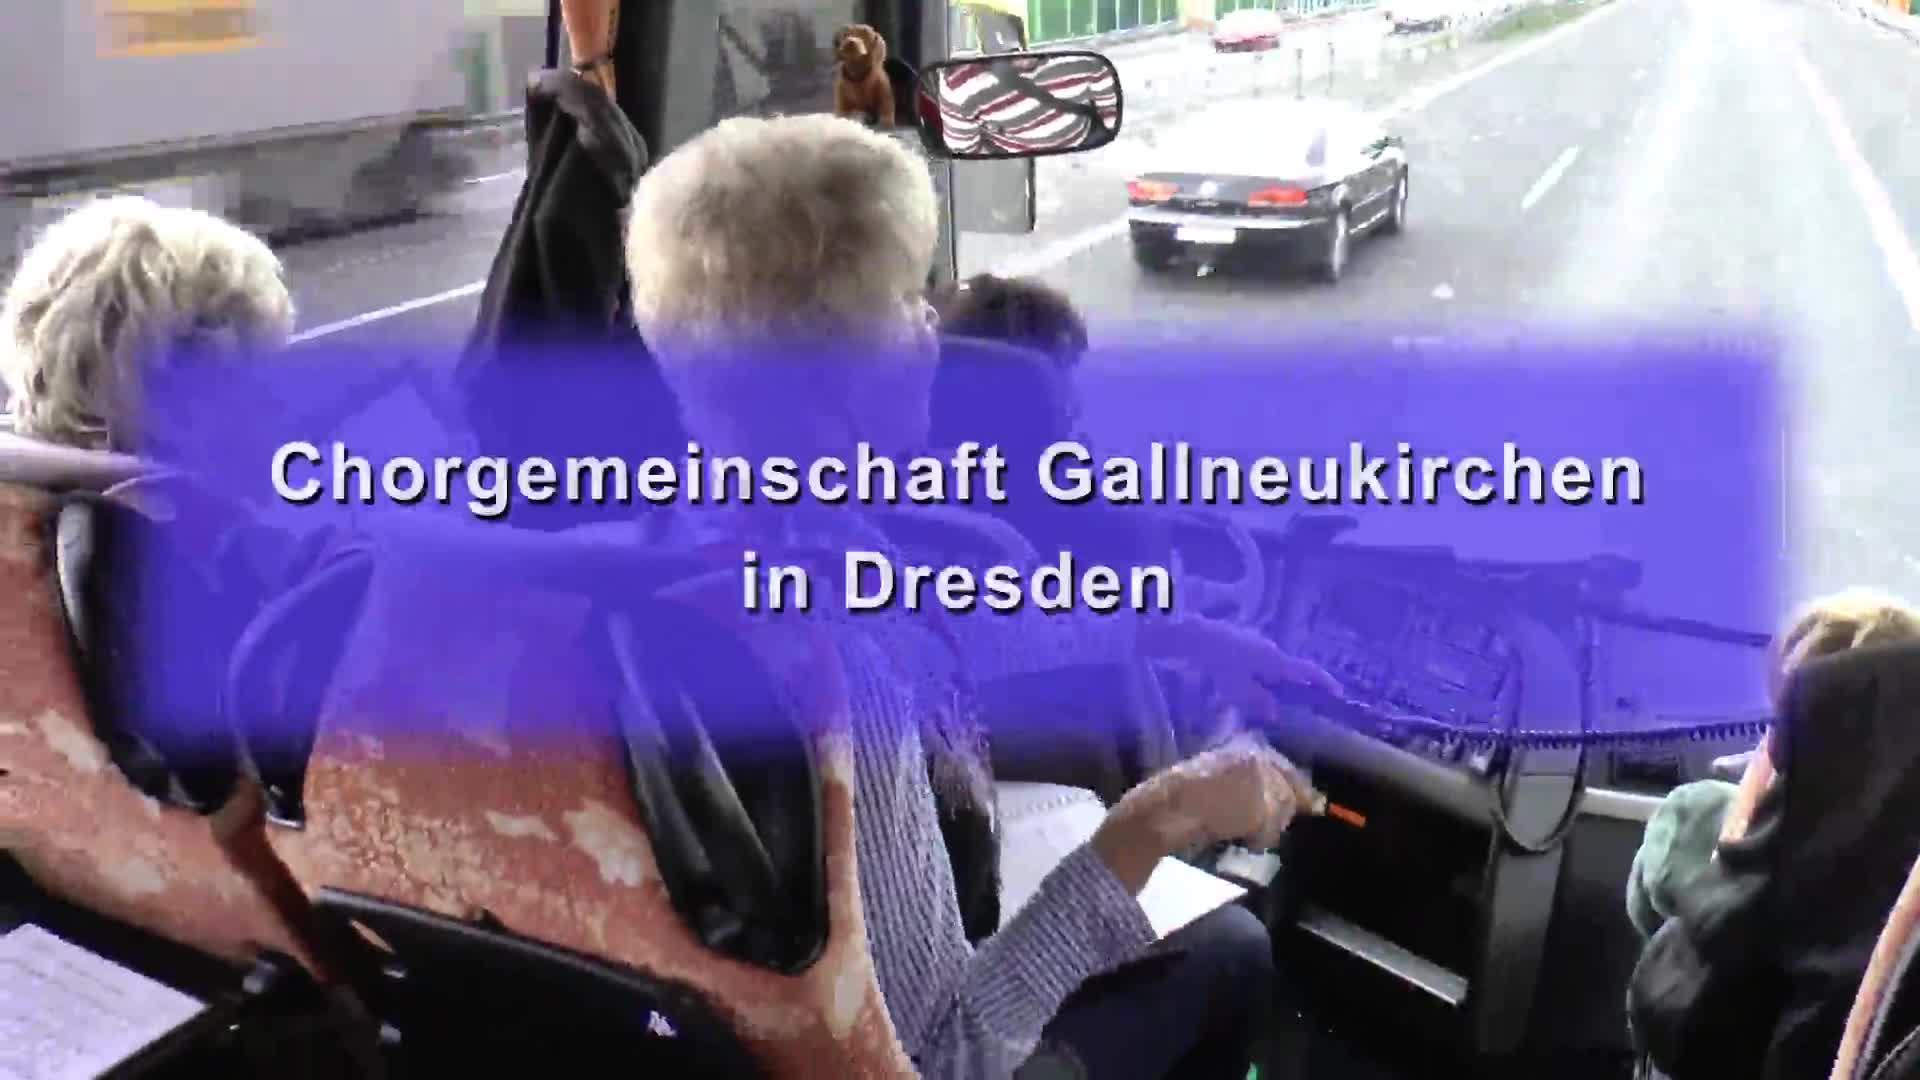 Chorgemeinschaft Gallneukirchenin Dresden